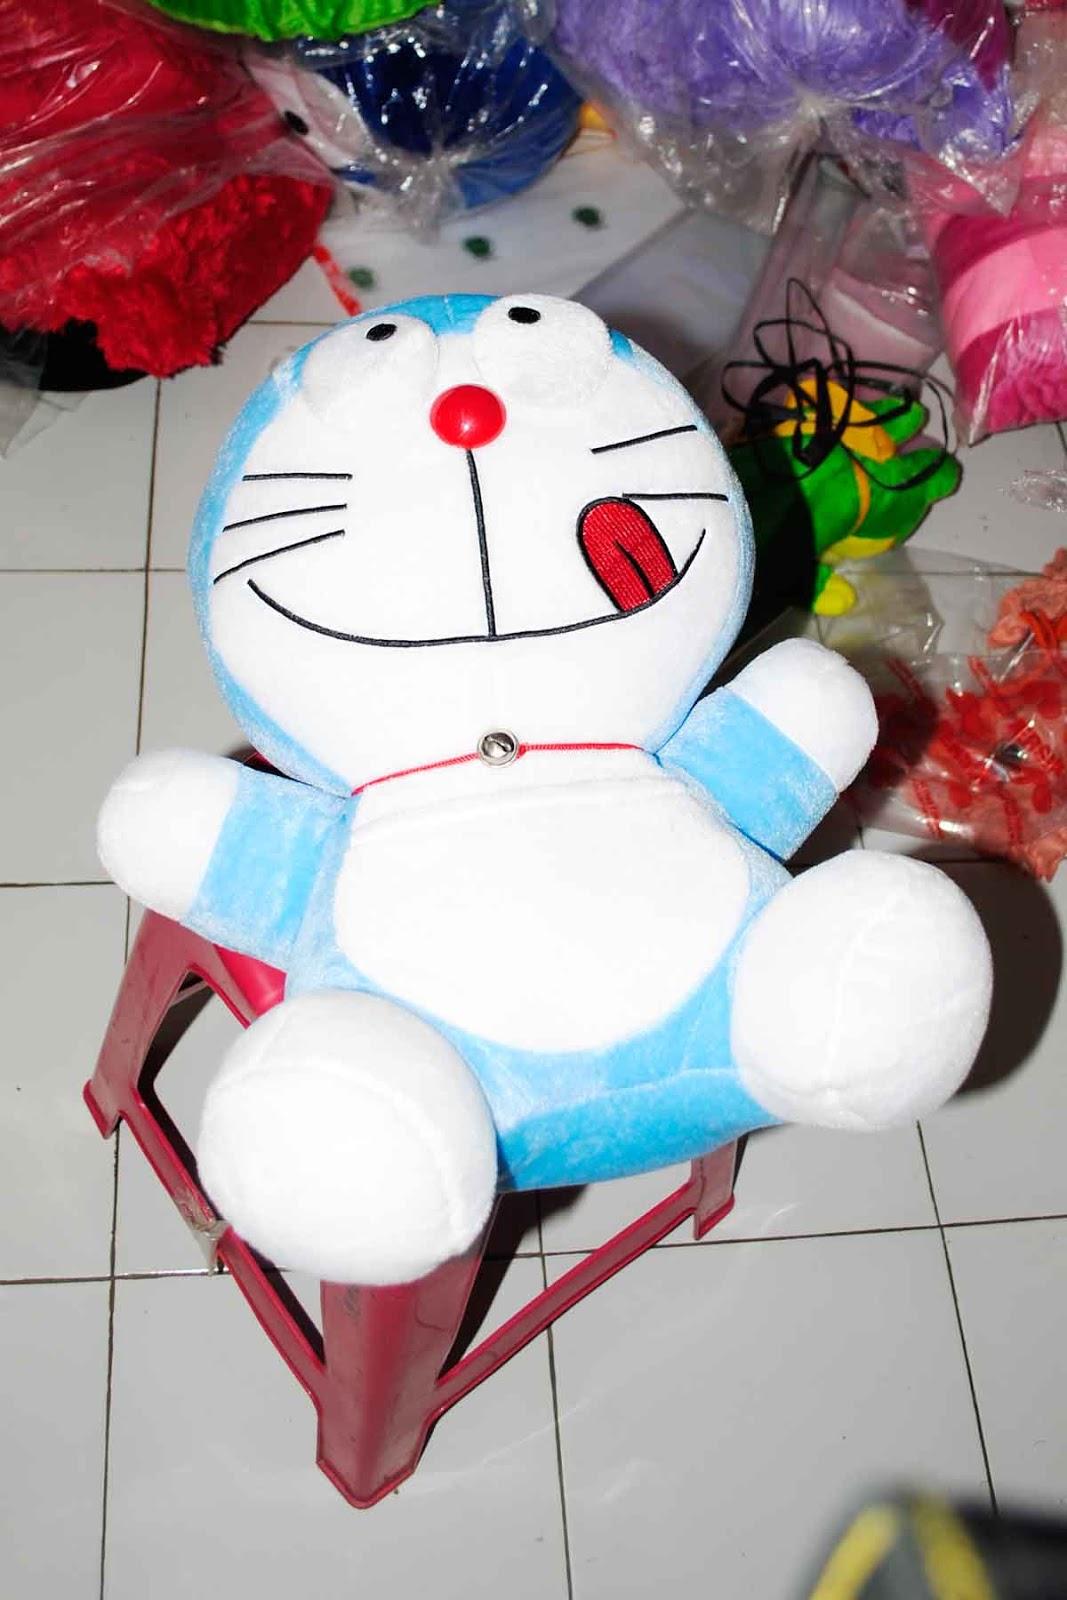 Foto Boneka Doraemon Besar Semua Yang Kamu Mau